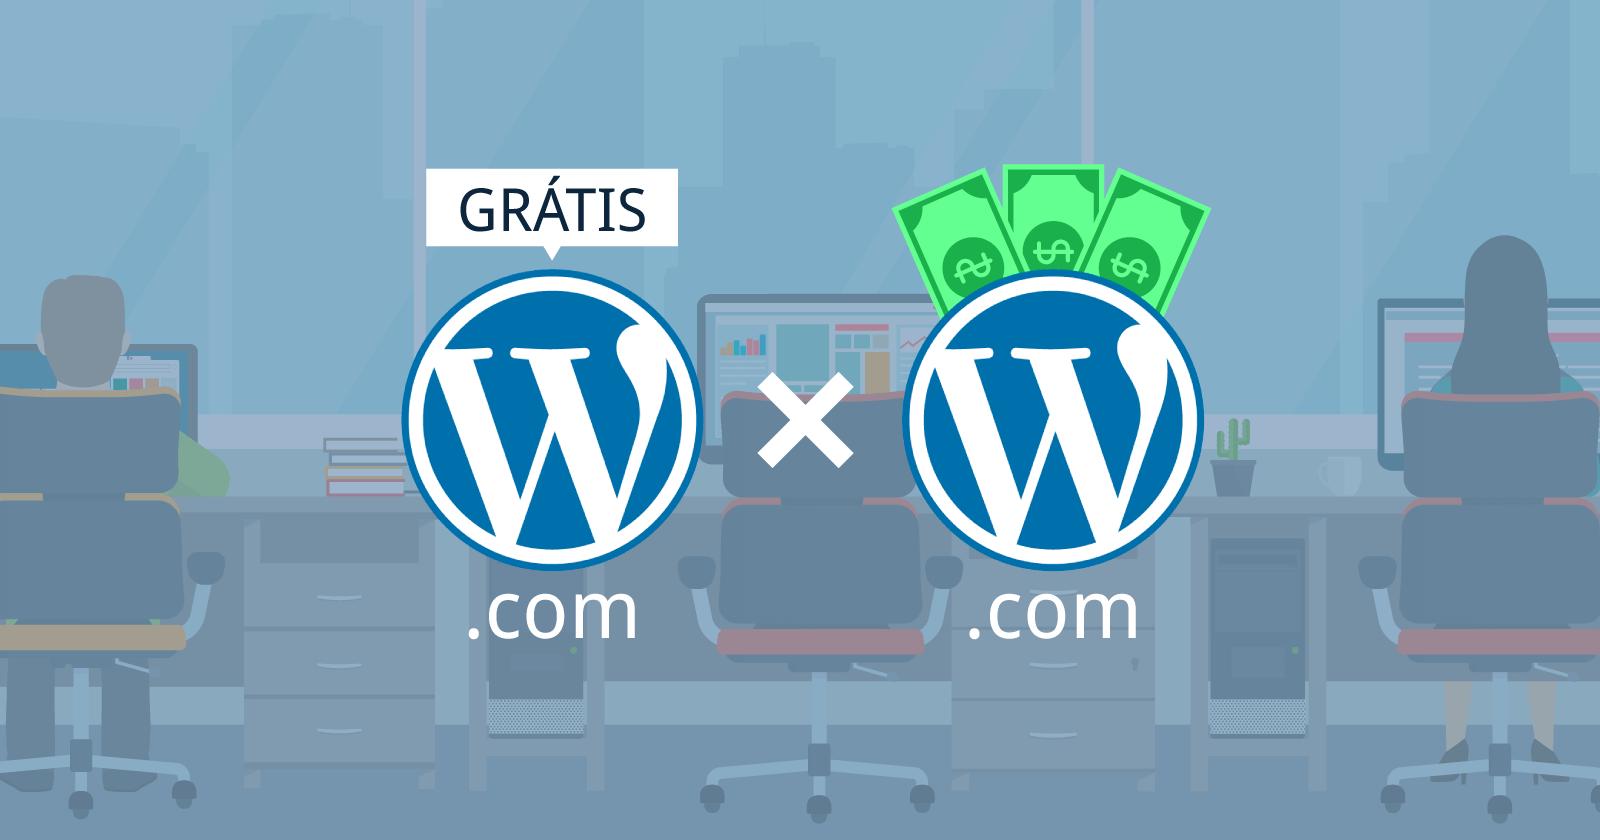 Wordpress gratuito ou pago descubra qual o mais indicado para voc stopboris Images